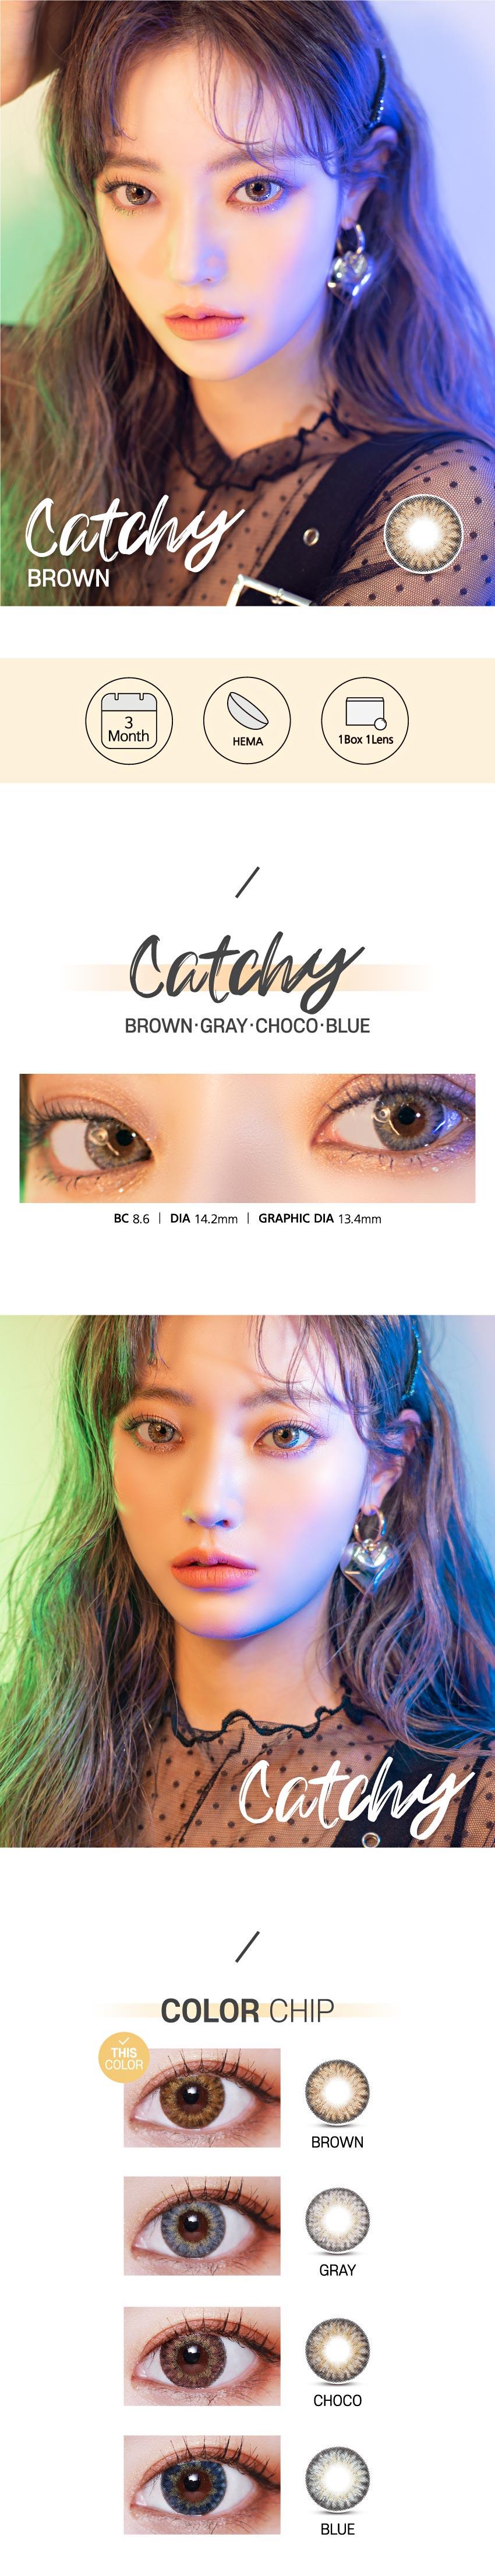 catchy-brown-korean-lenses-2222.jpg